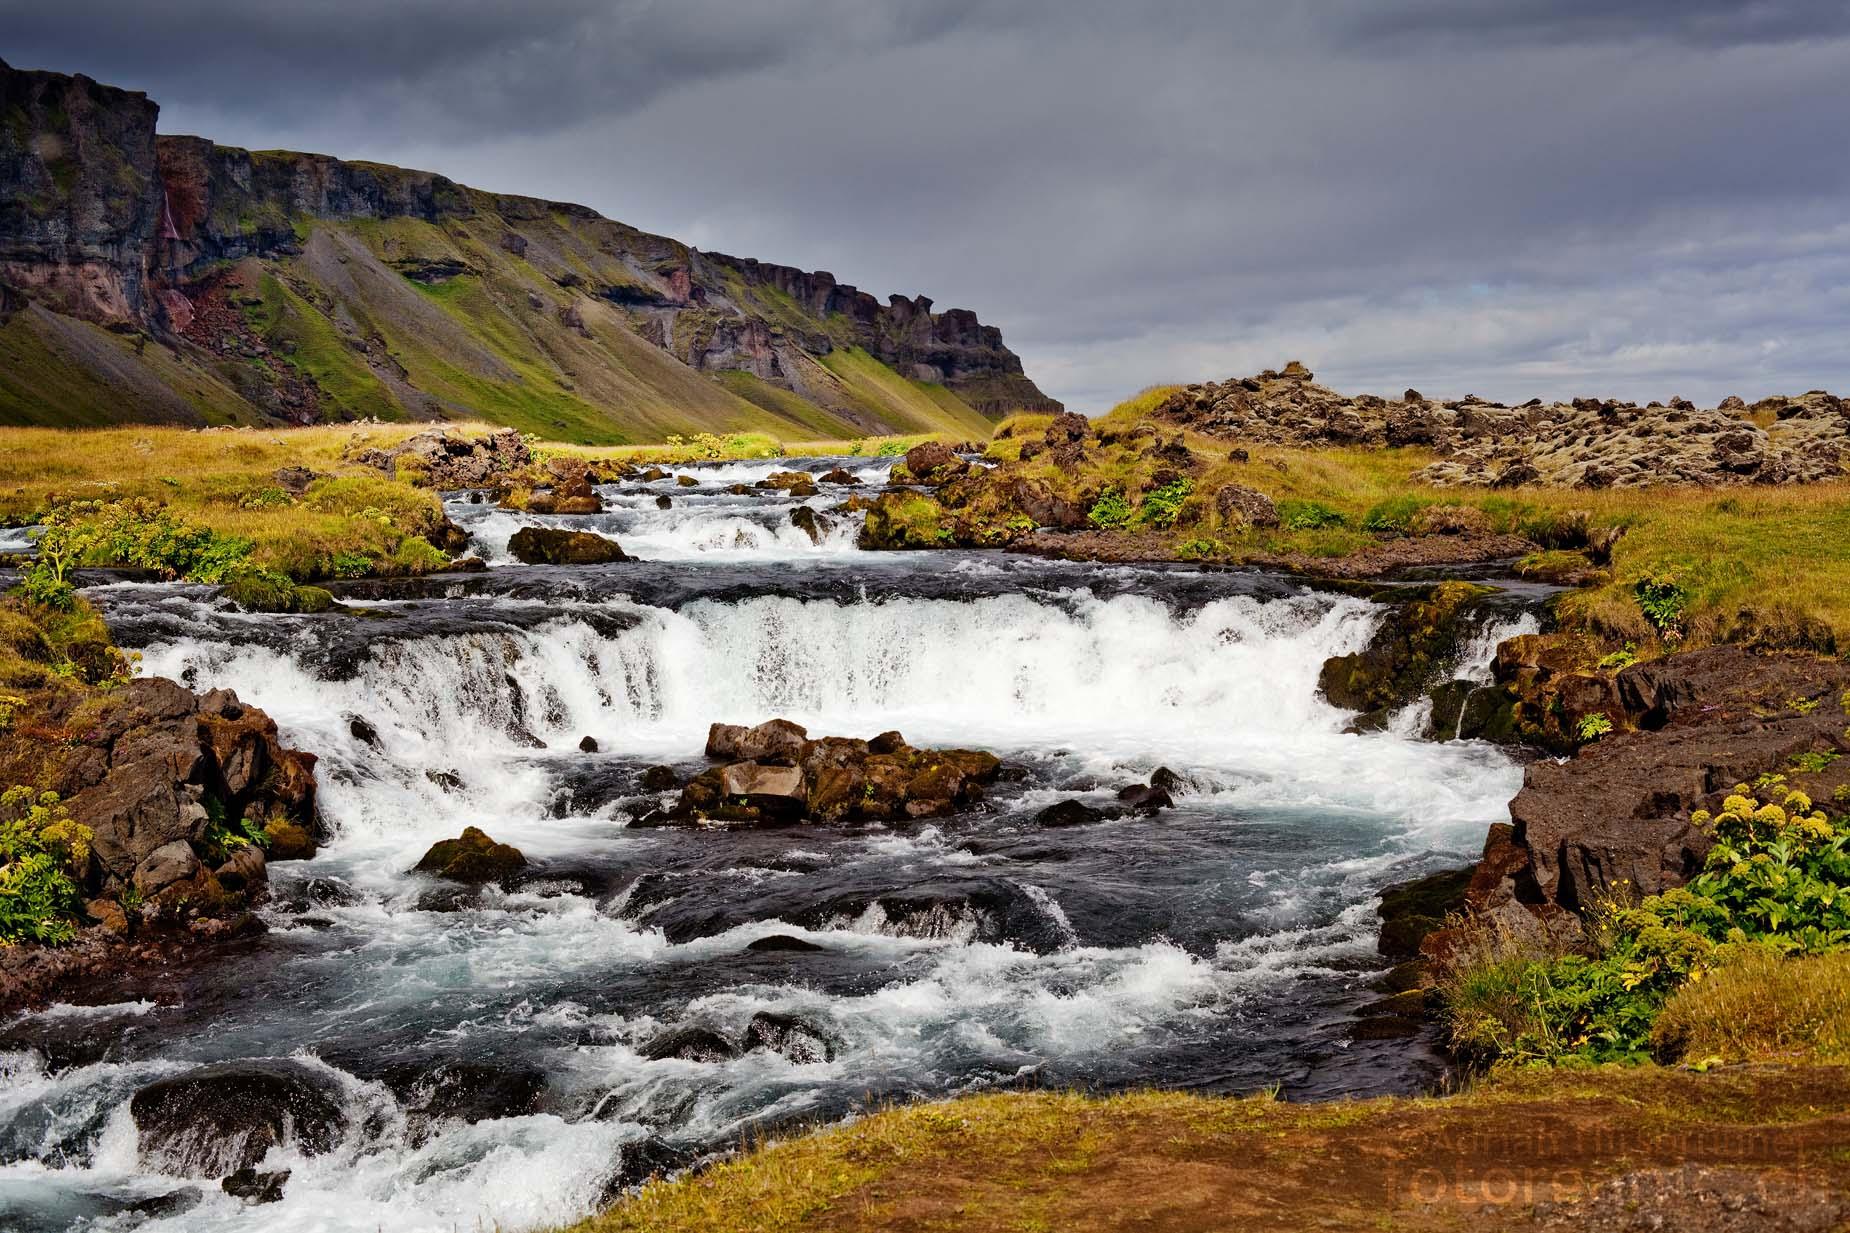 Schöne Lichtstimmung an einem Bach im Süden Islands.